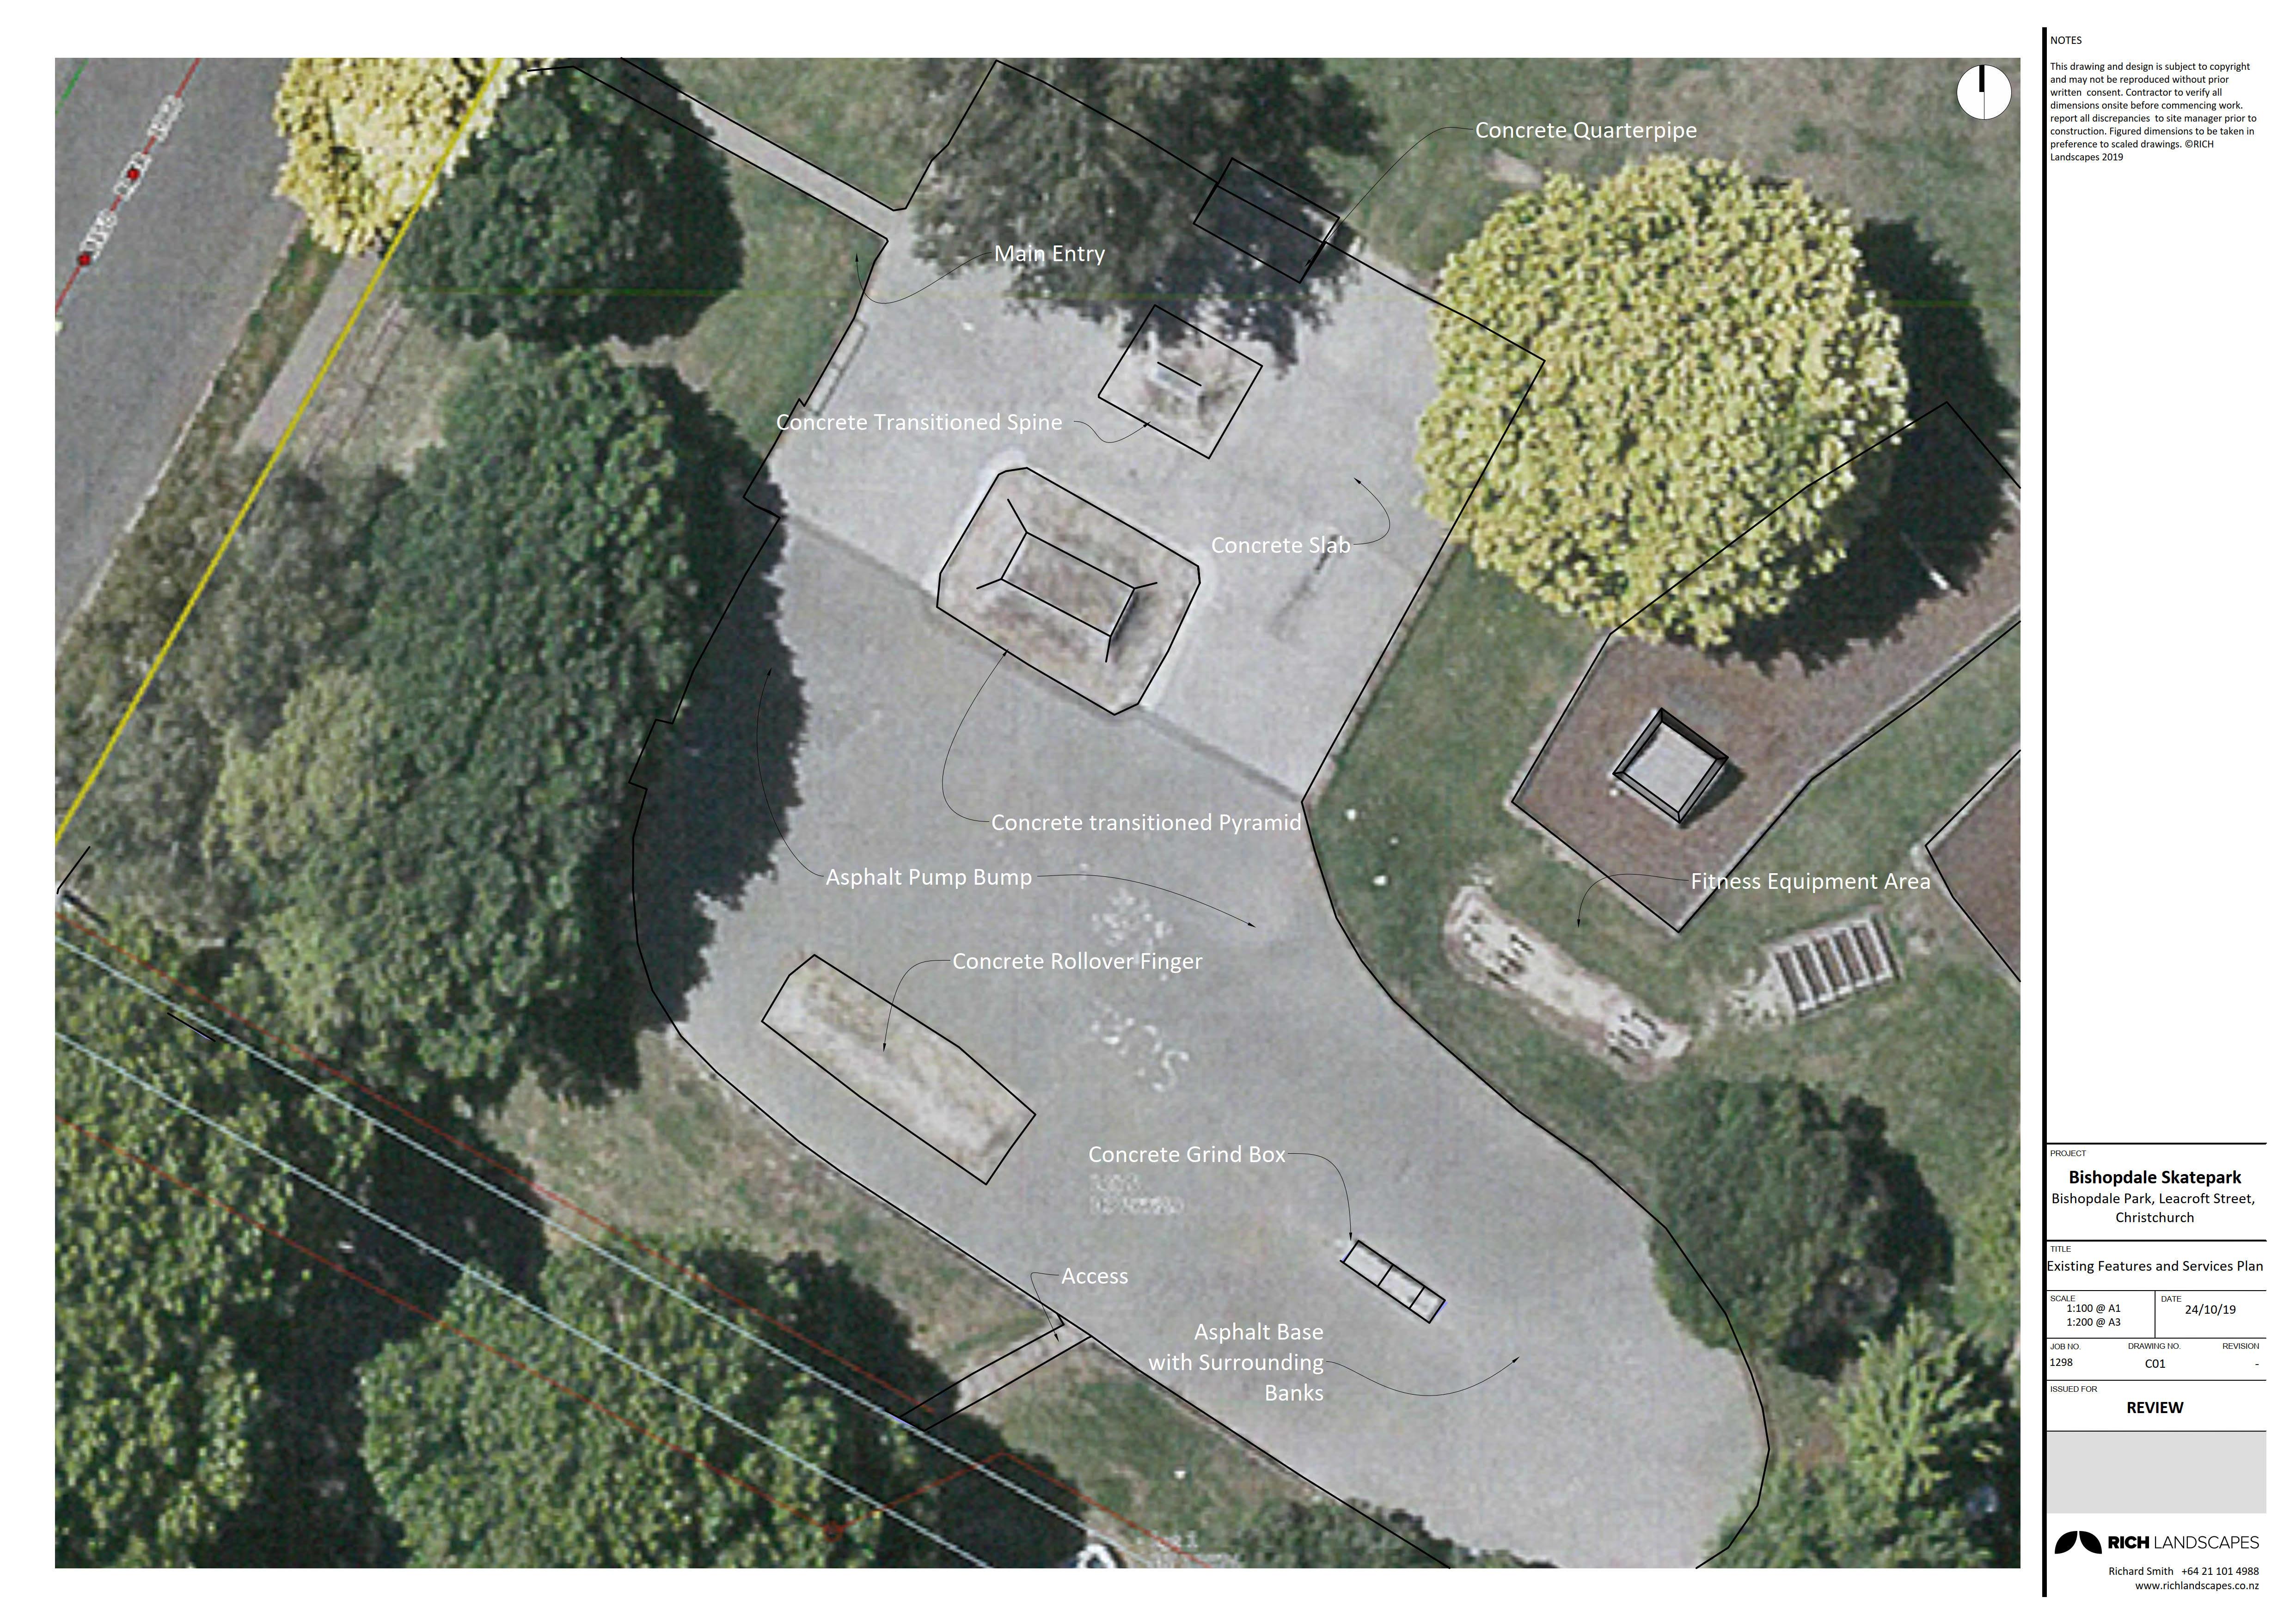 2D plans - Current skate park layout